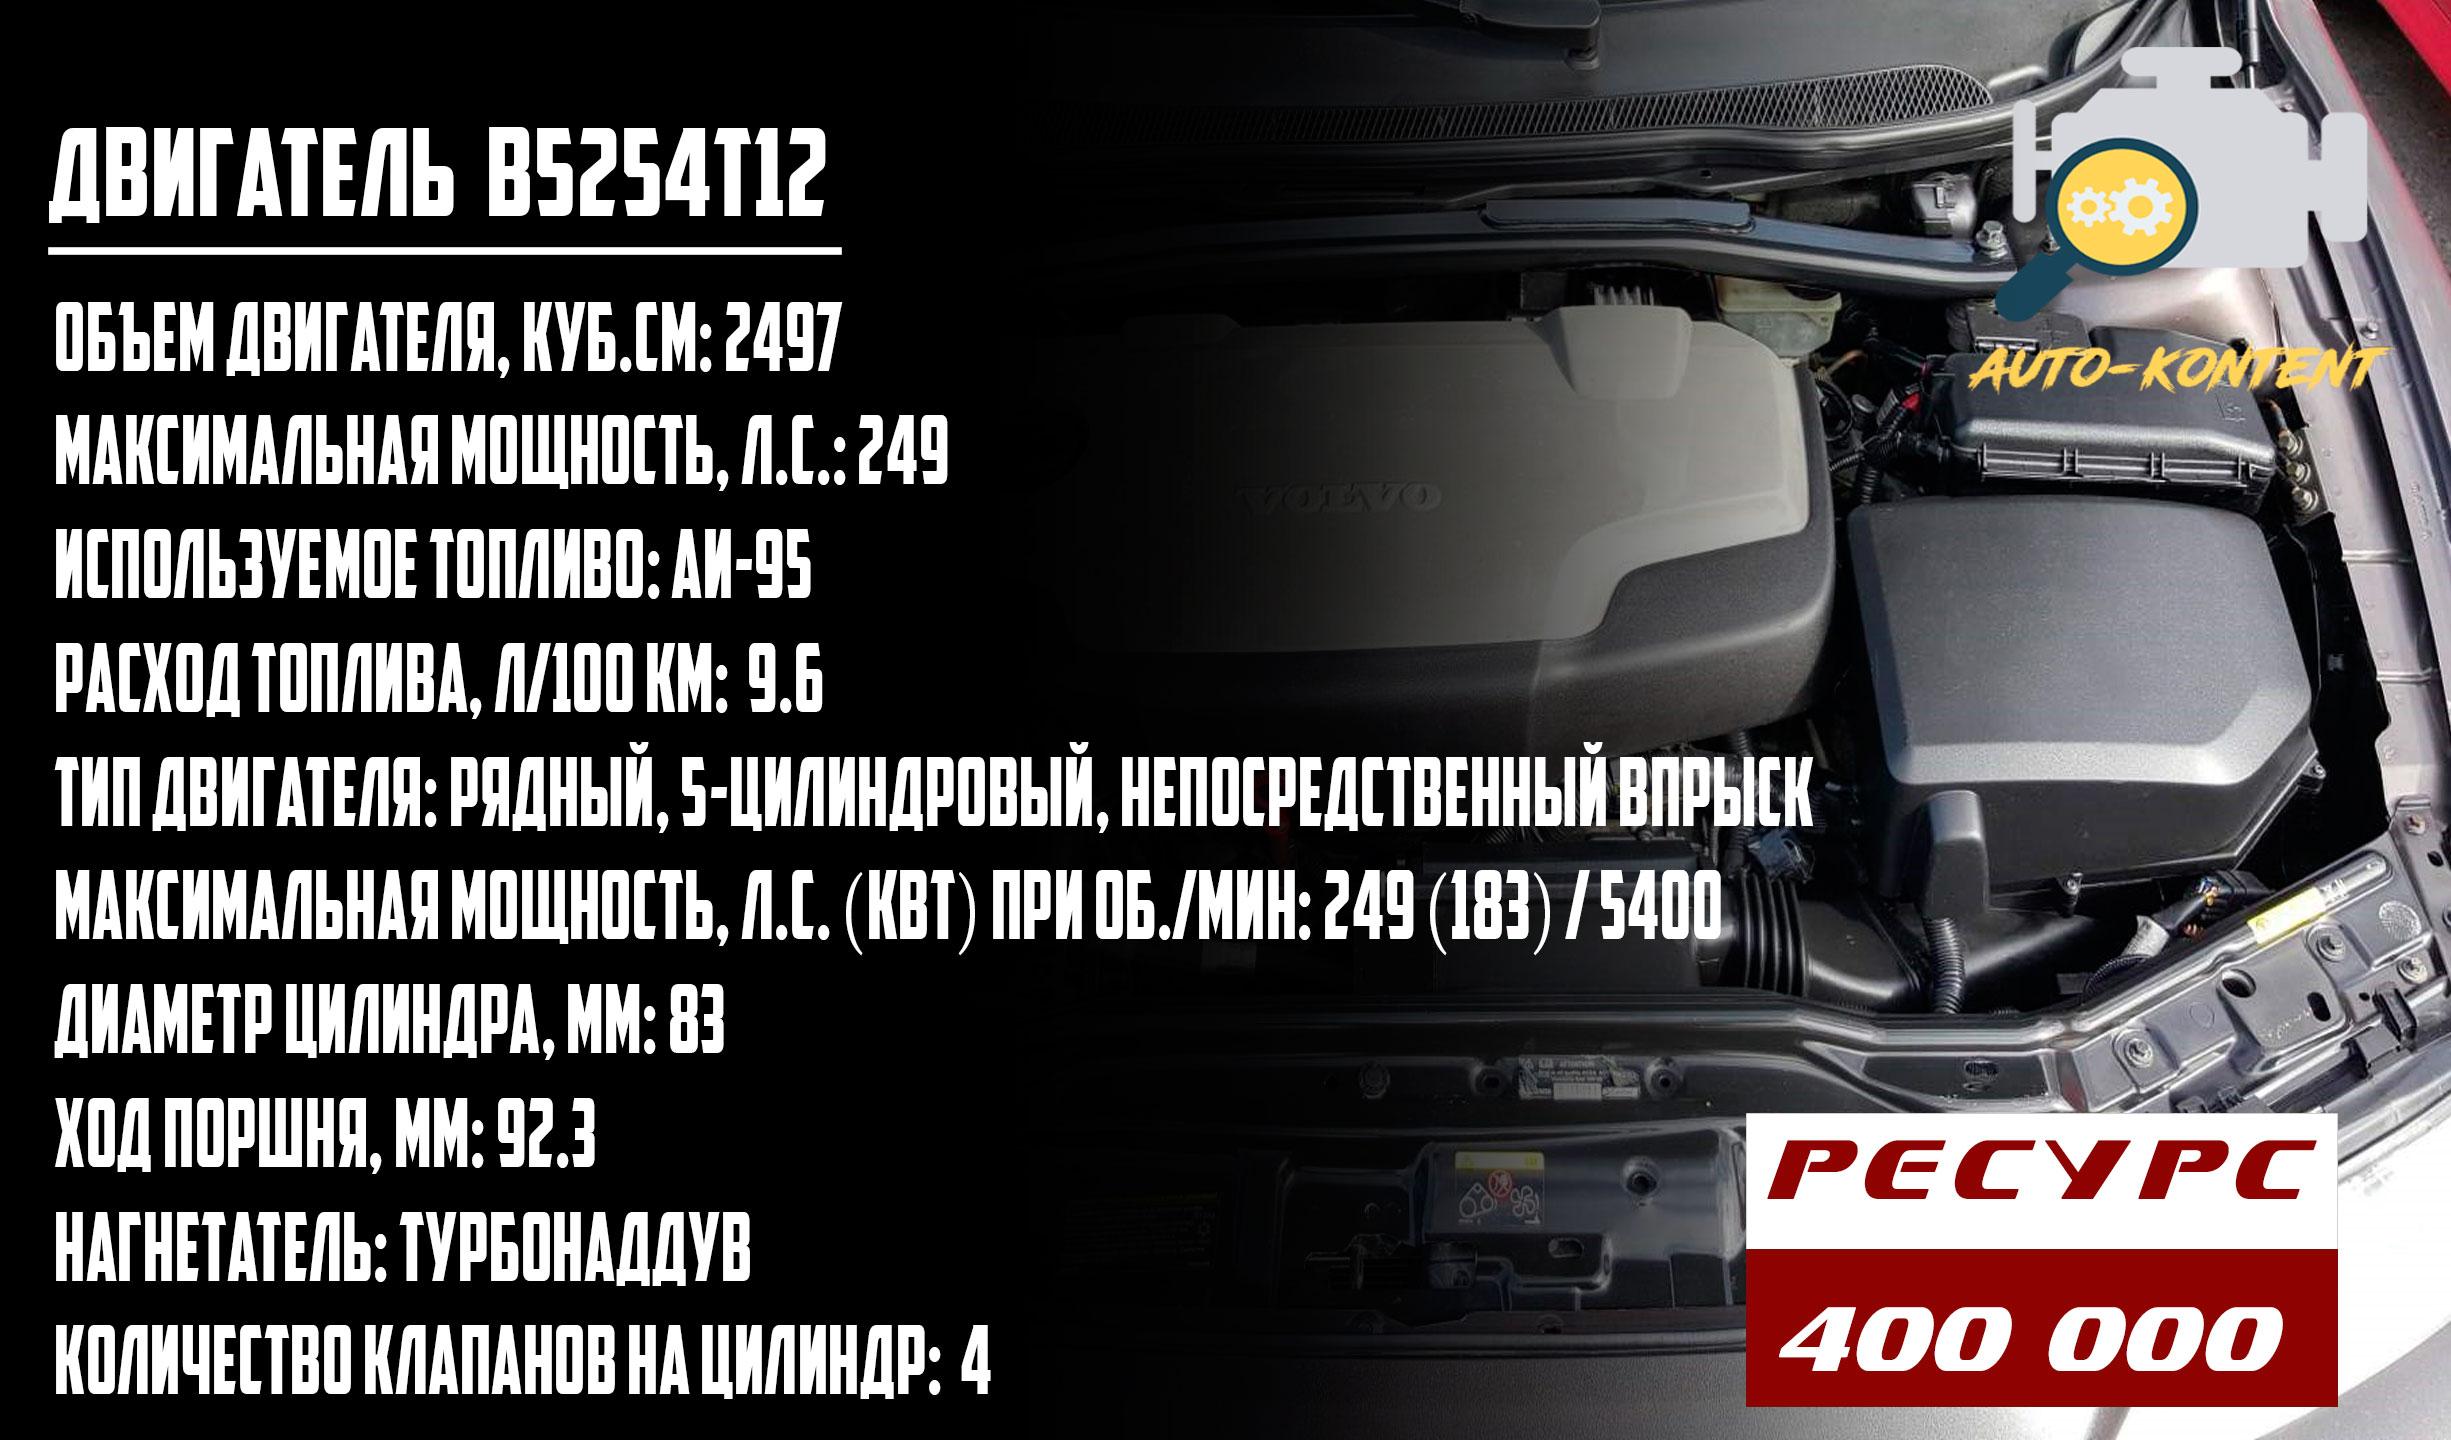 ресурс двигателя B5254T12